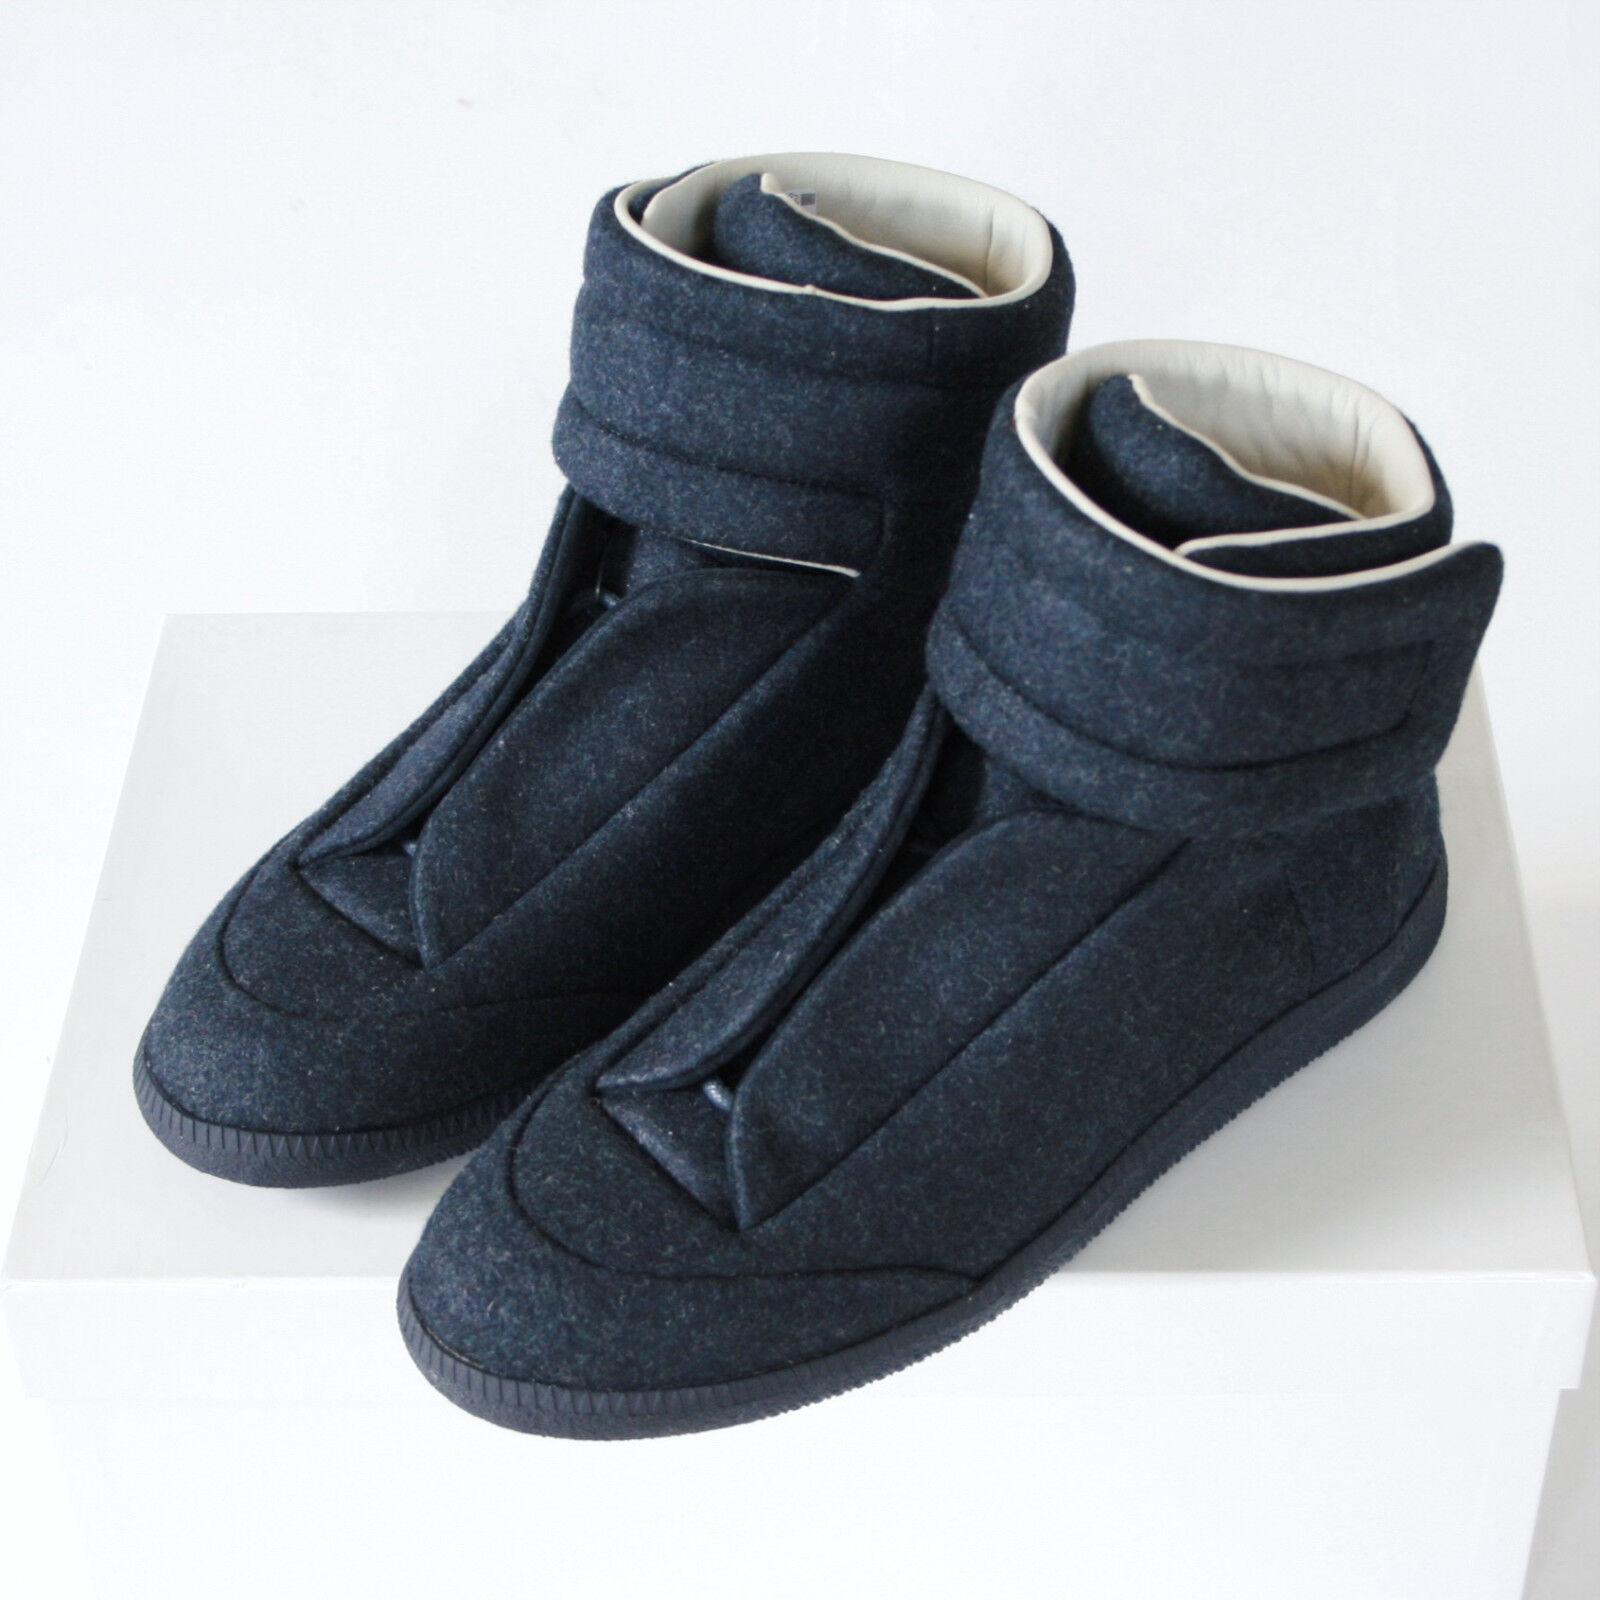 MAISON MARTIN MARGIELA dark blue felt hi-top strap shoes Future sneakers 40 NEW